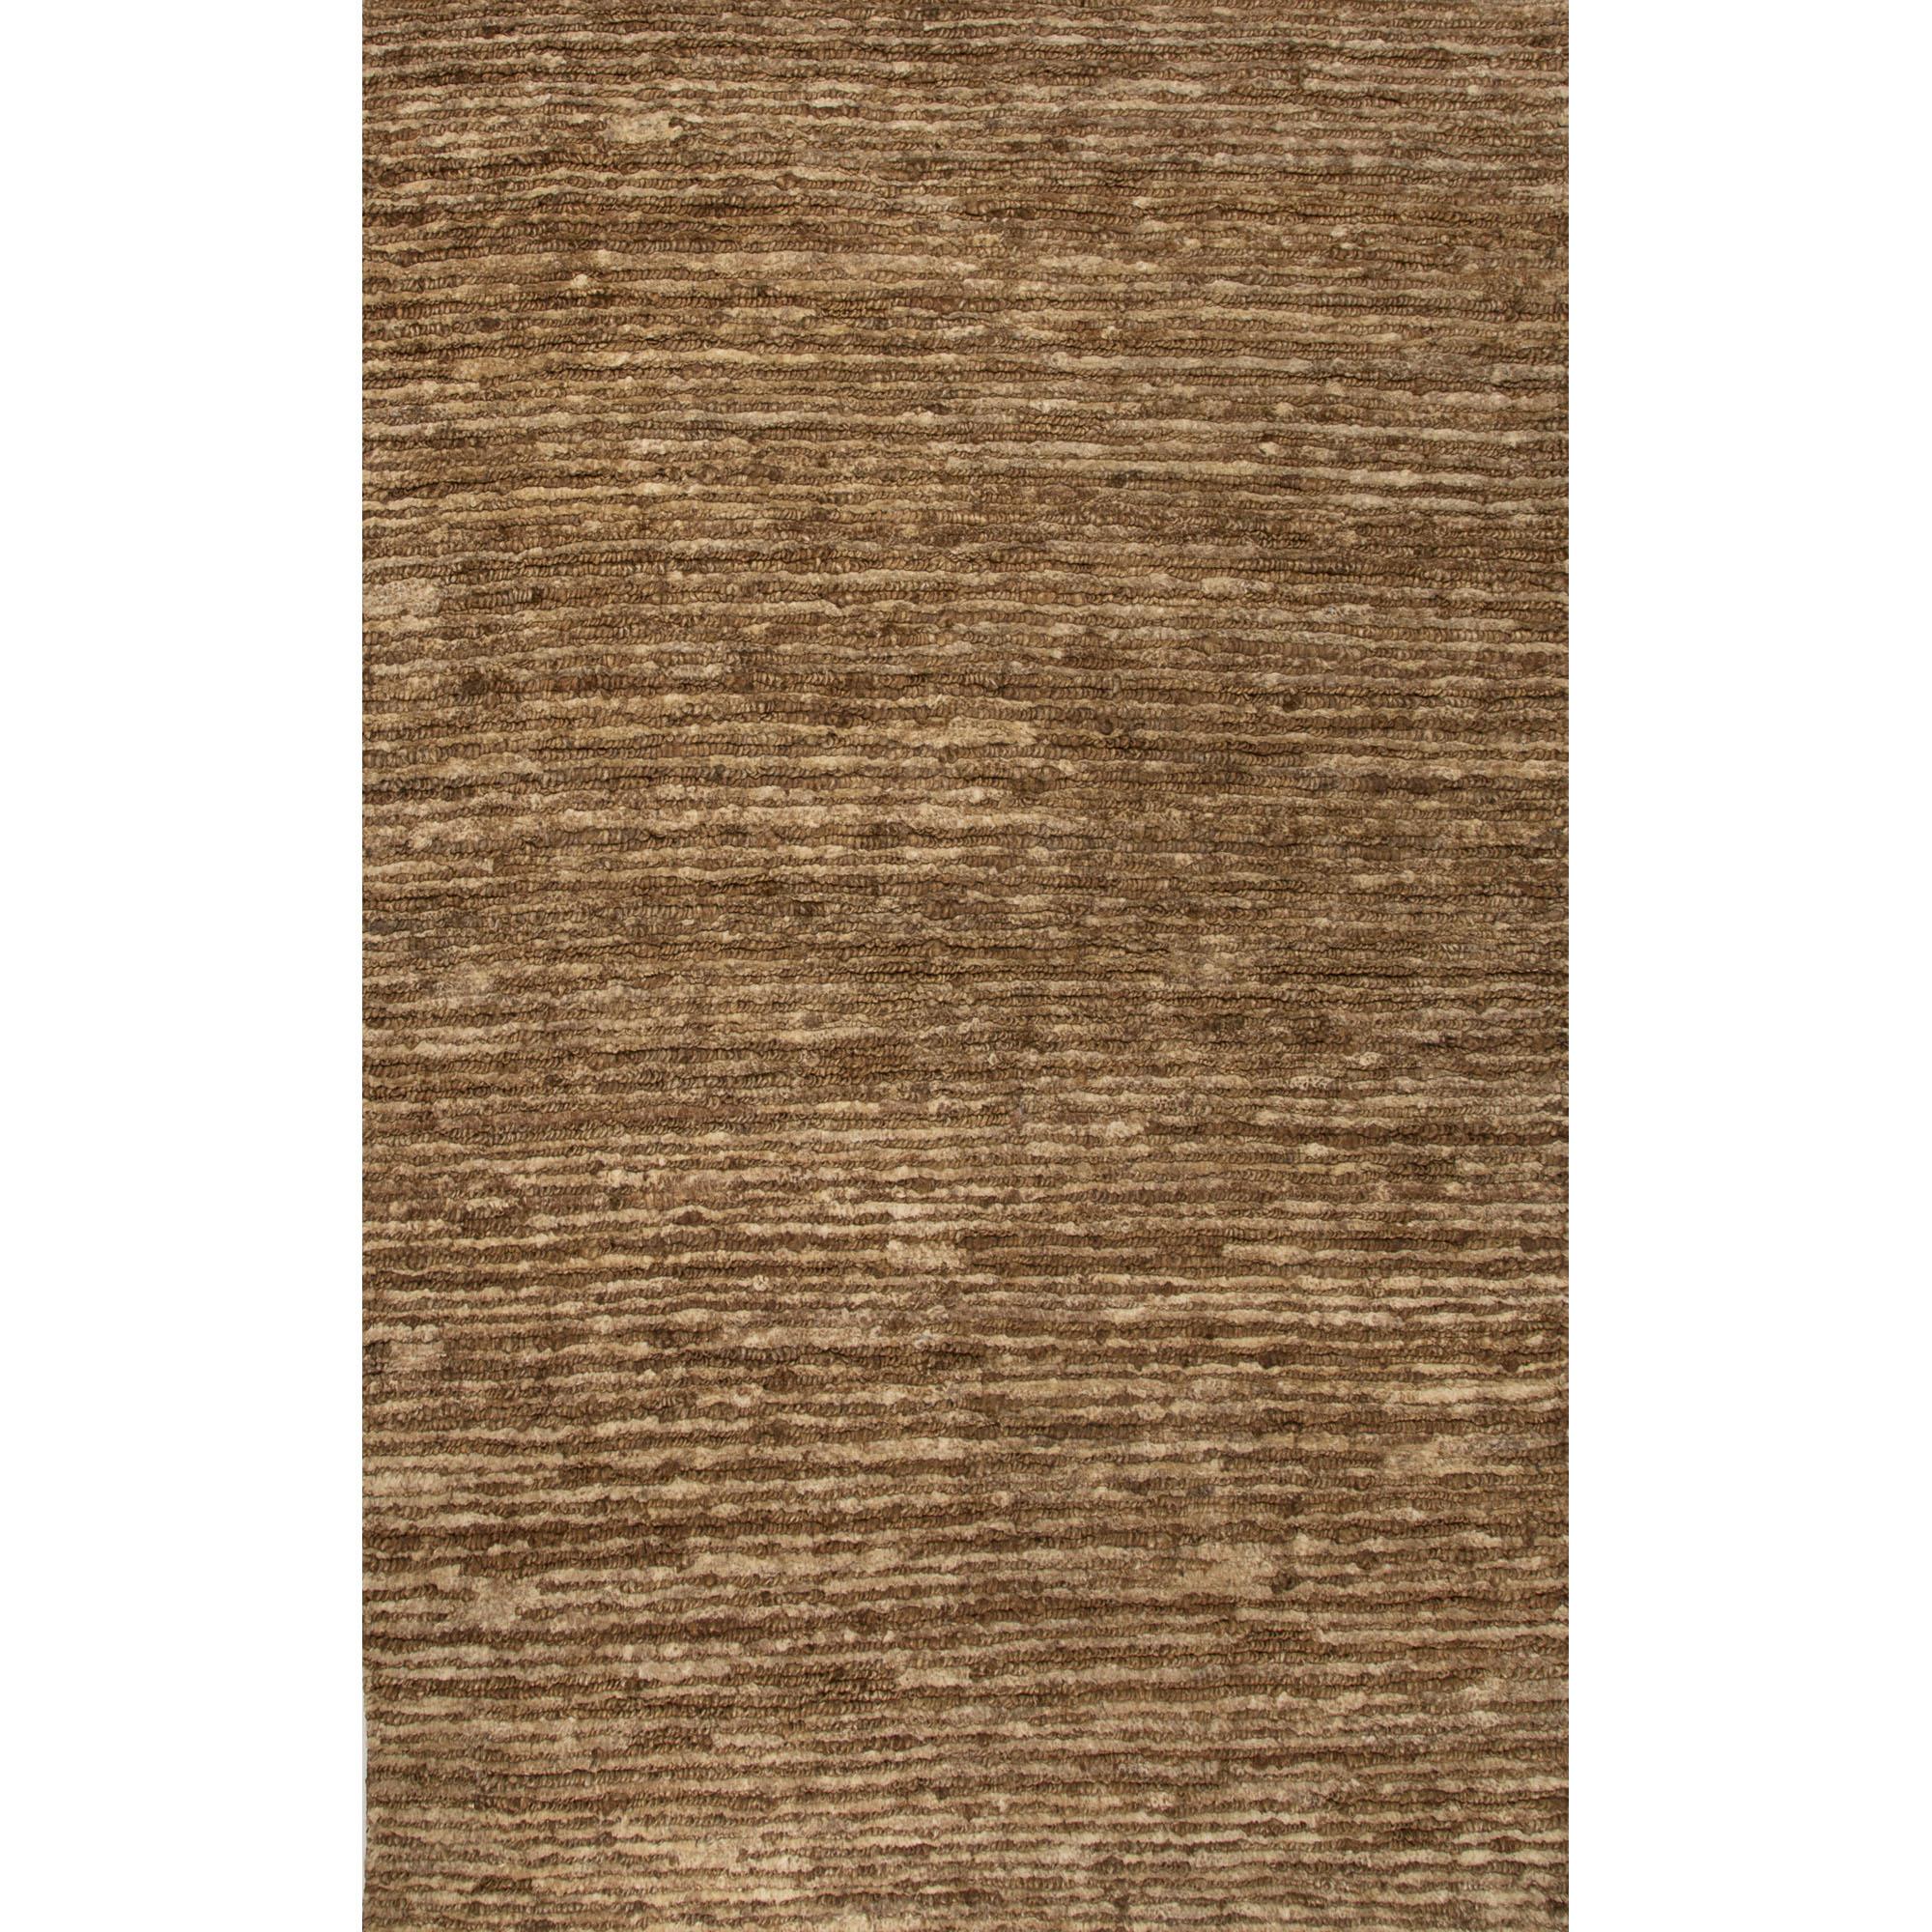 JAIPUR Rugs Natural Santo 8 x 10 Rug - Item Number: RUG125073